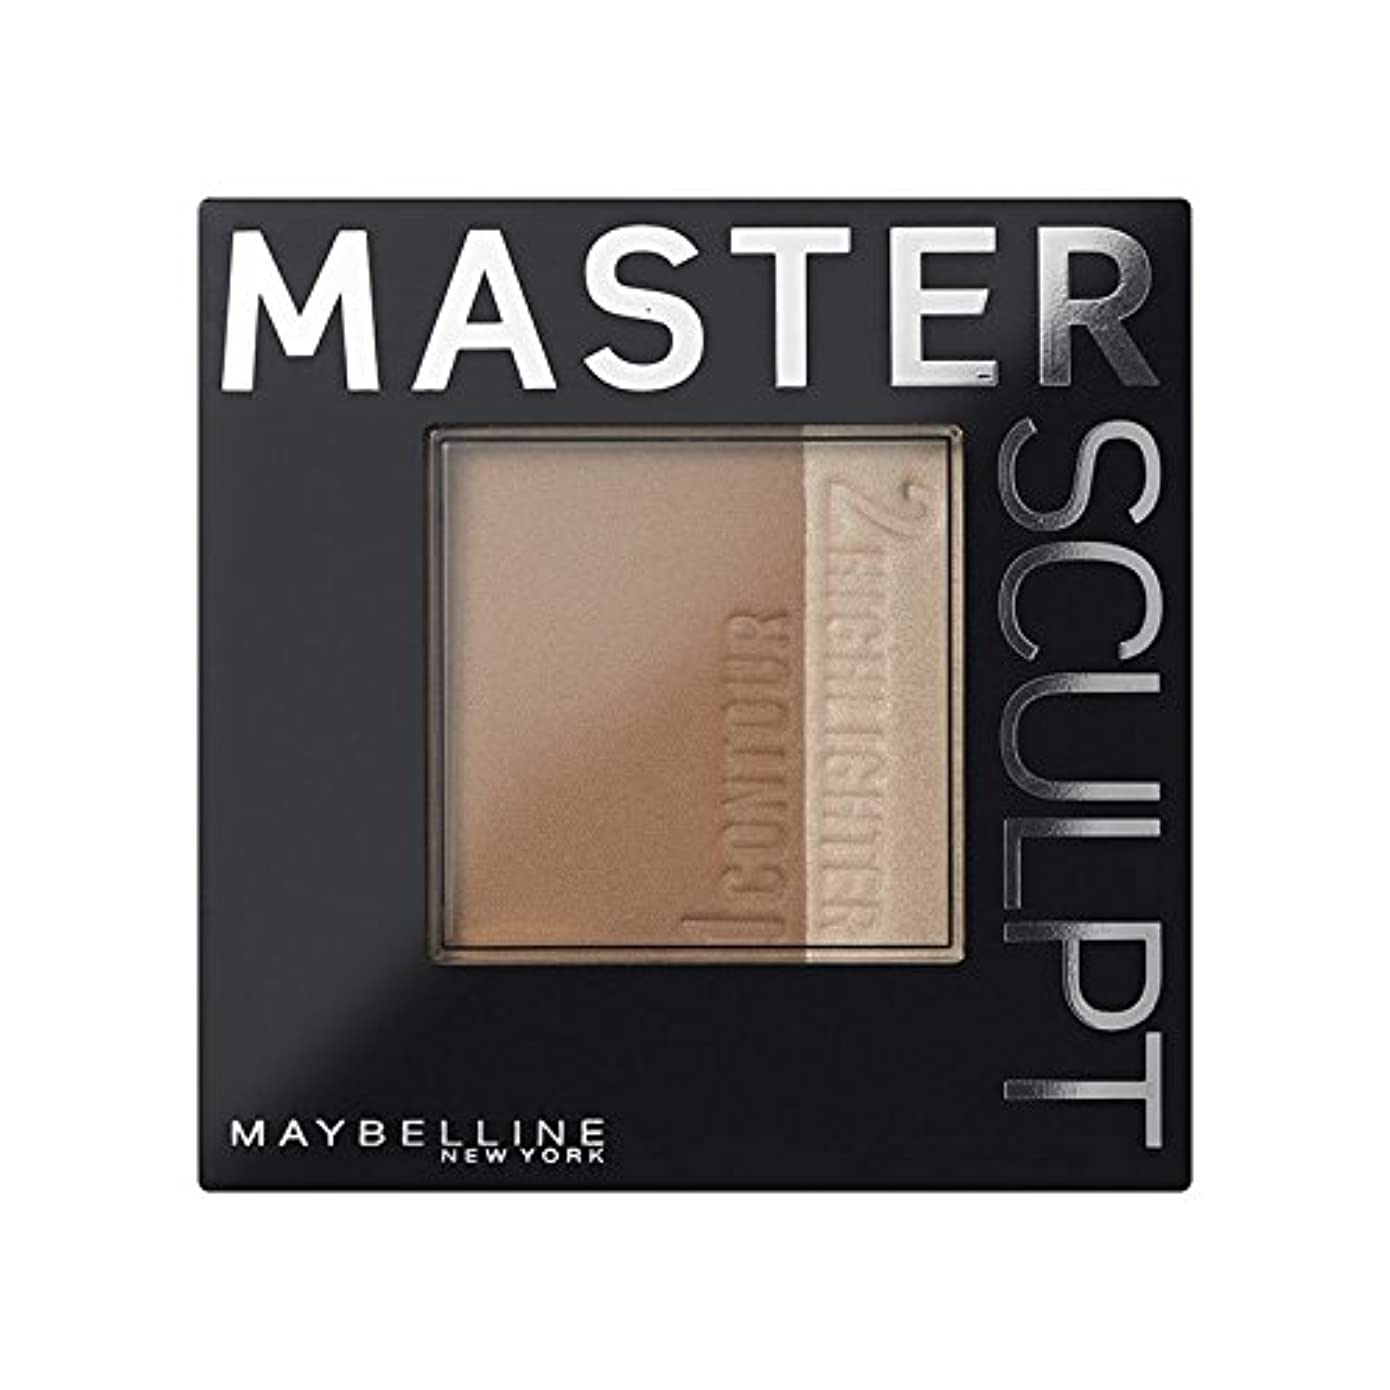 オークランド学習赤Maybelline Master Sculpt Contouring Foundation 01 Light/Med (Pack of 6) - 土台01光/ を輪郭メイベリンマスタースカルプト x6 [並行輸入品]